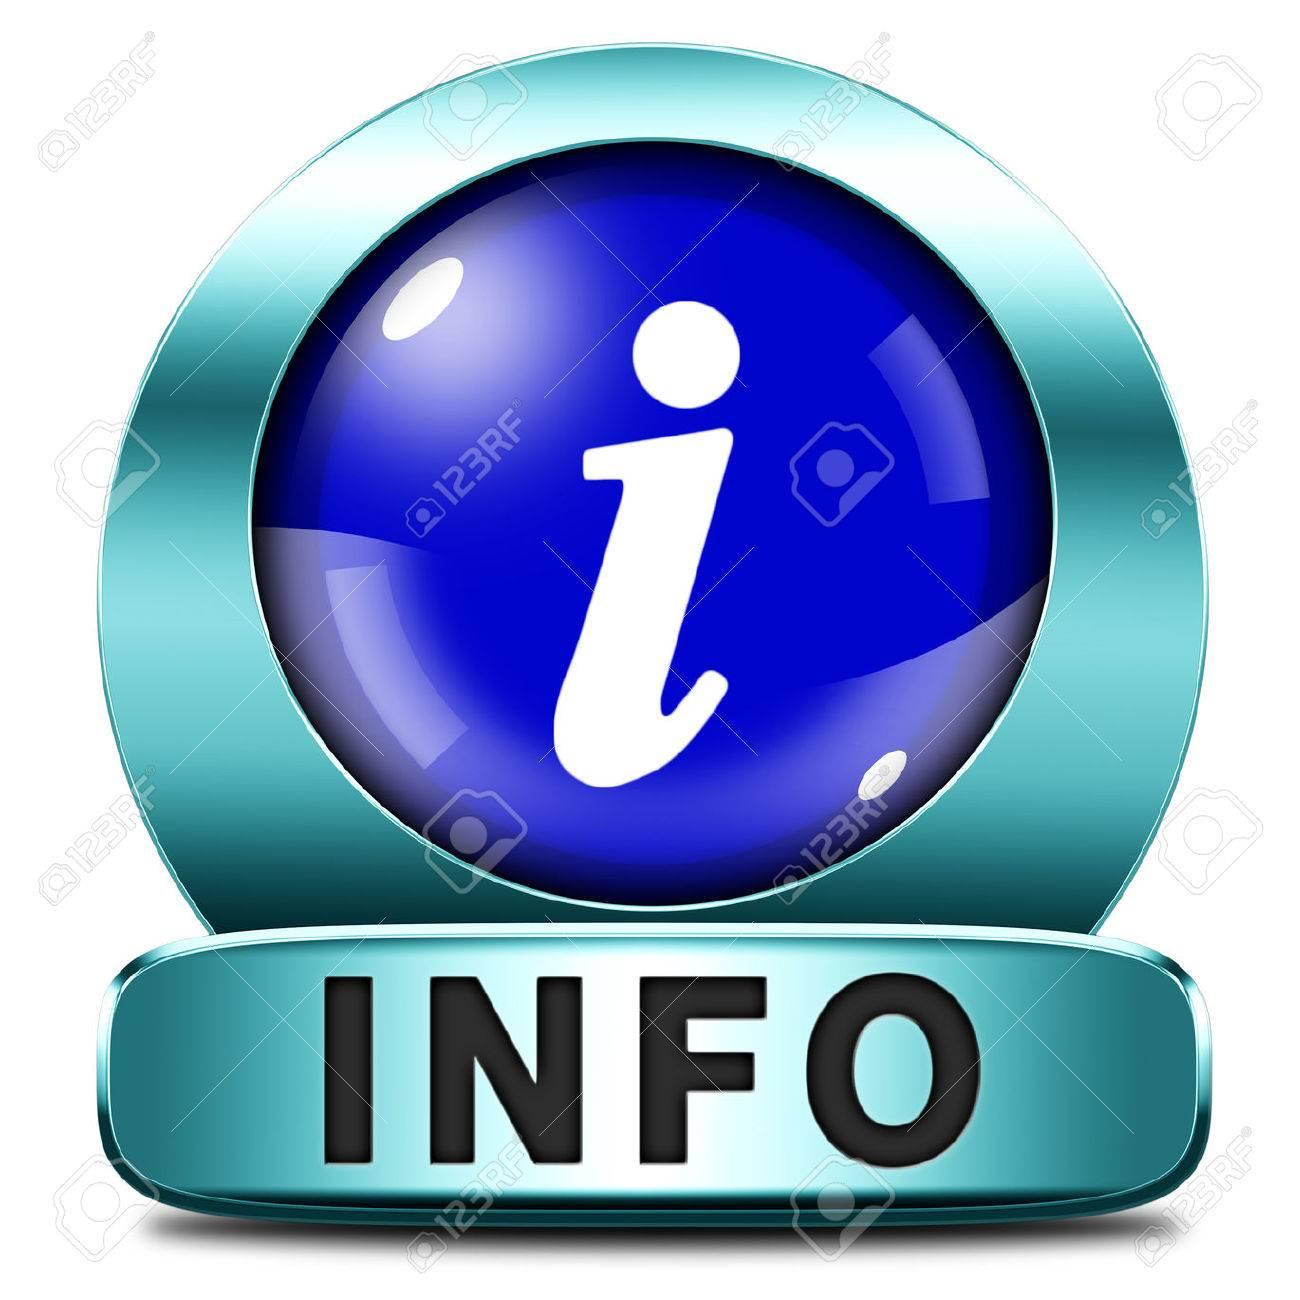 Risultati immagini per info